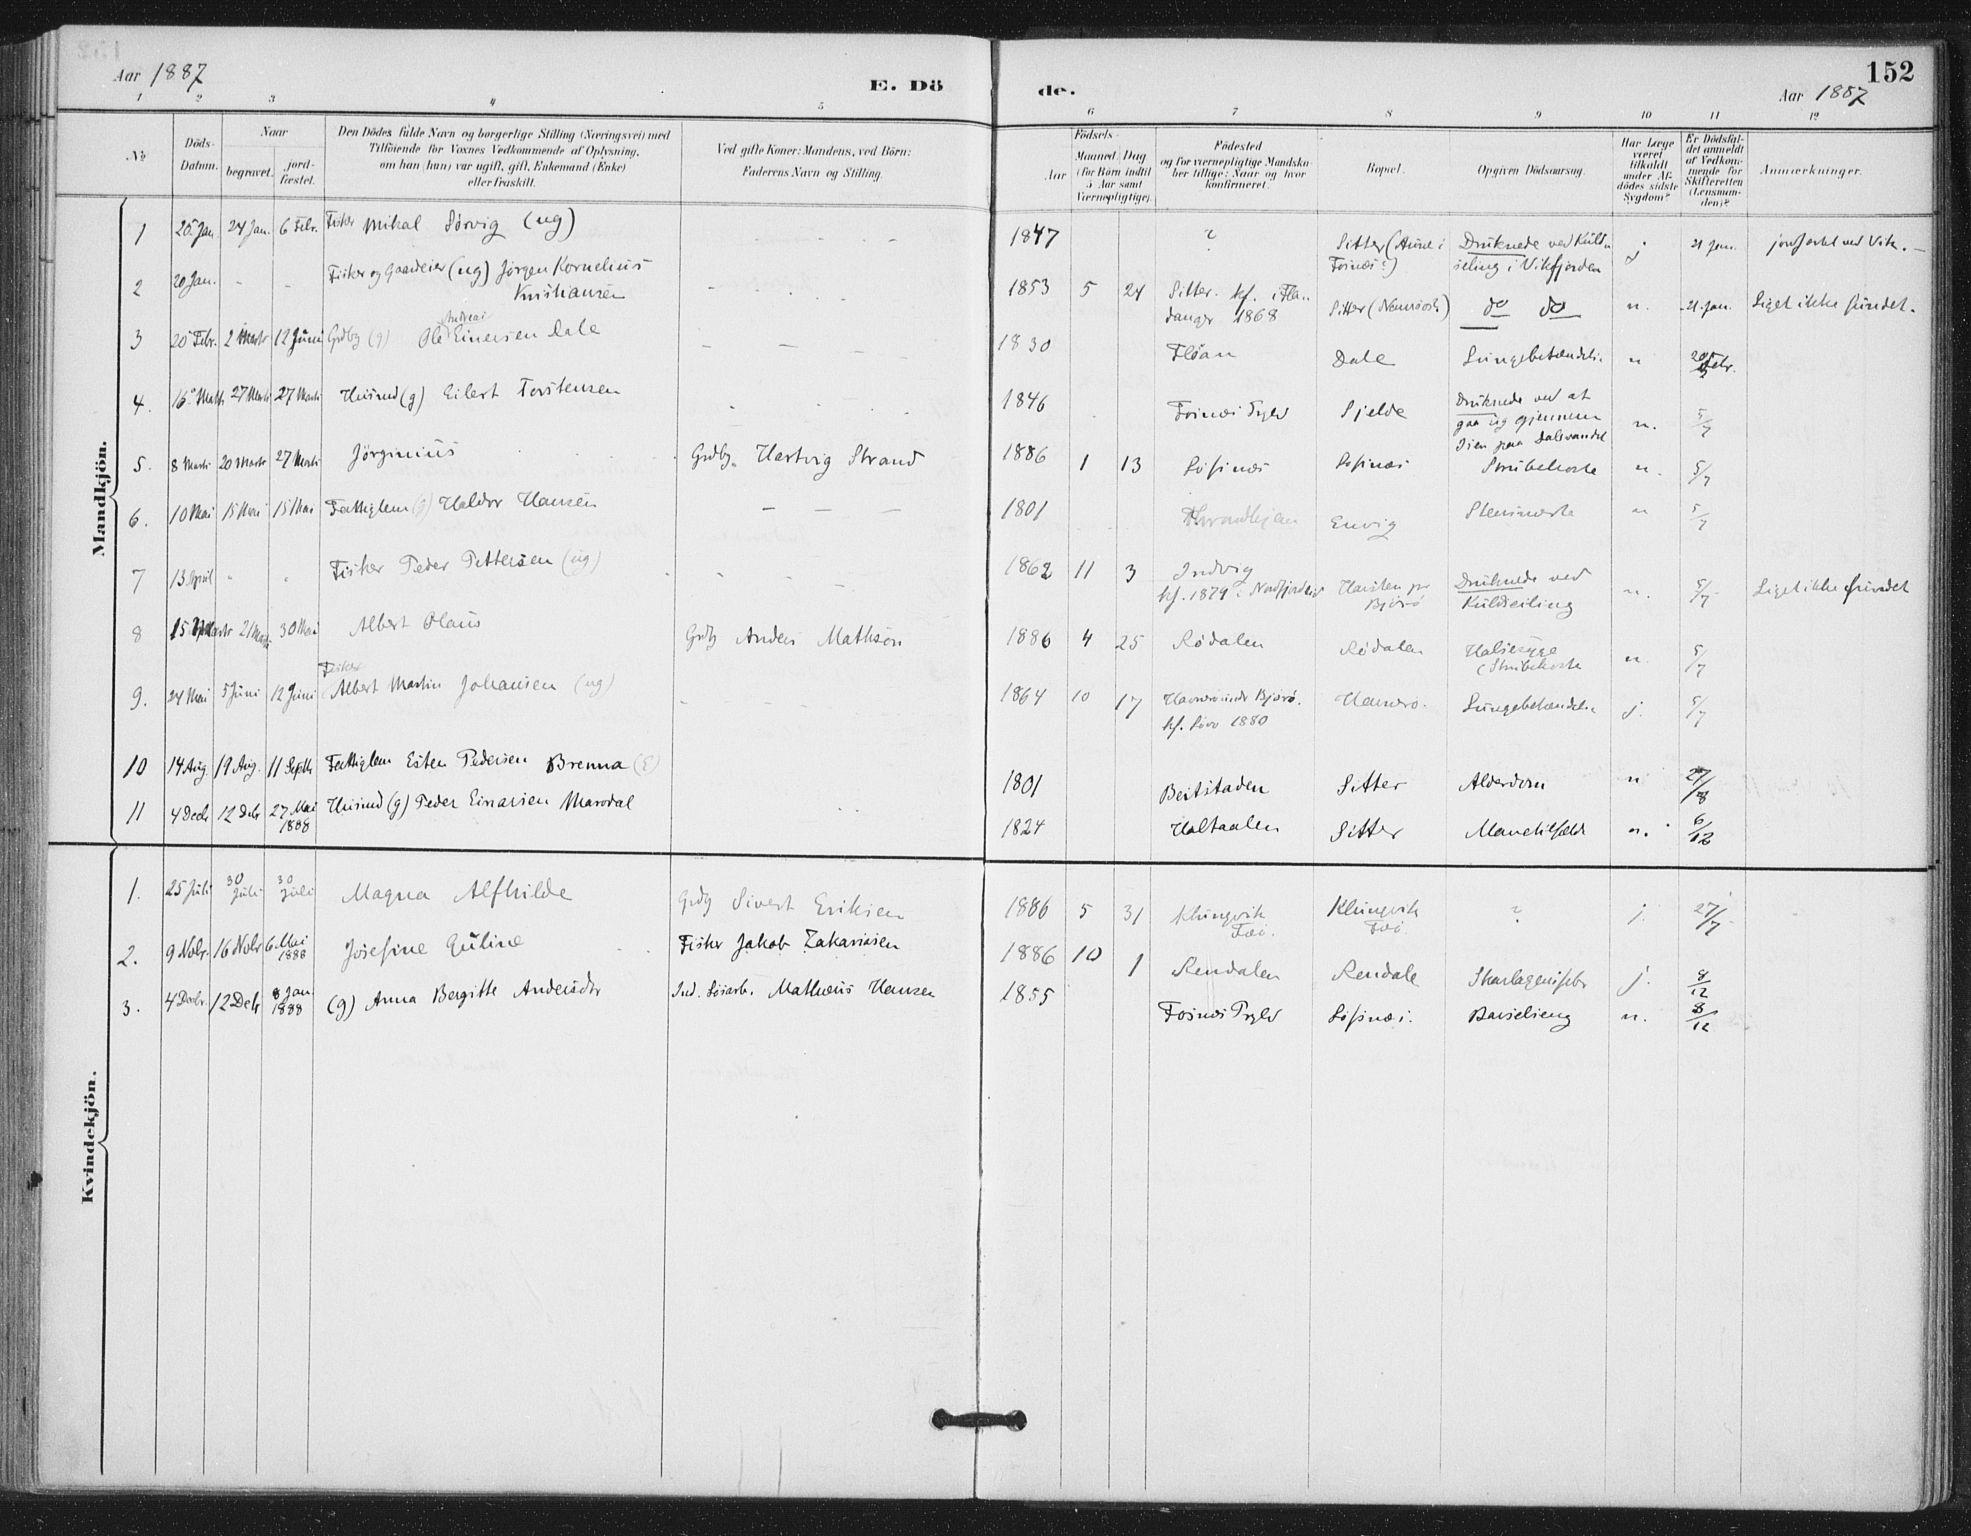 SAT, Ministerialprotokoller, klokkerbøker og fødselsregistre - Nord-Trøndelag, 772/L0603: Ministerialbok nr. 772A01, 1885-1912, s. 152